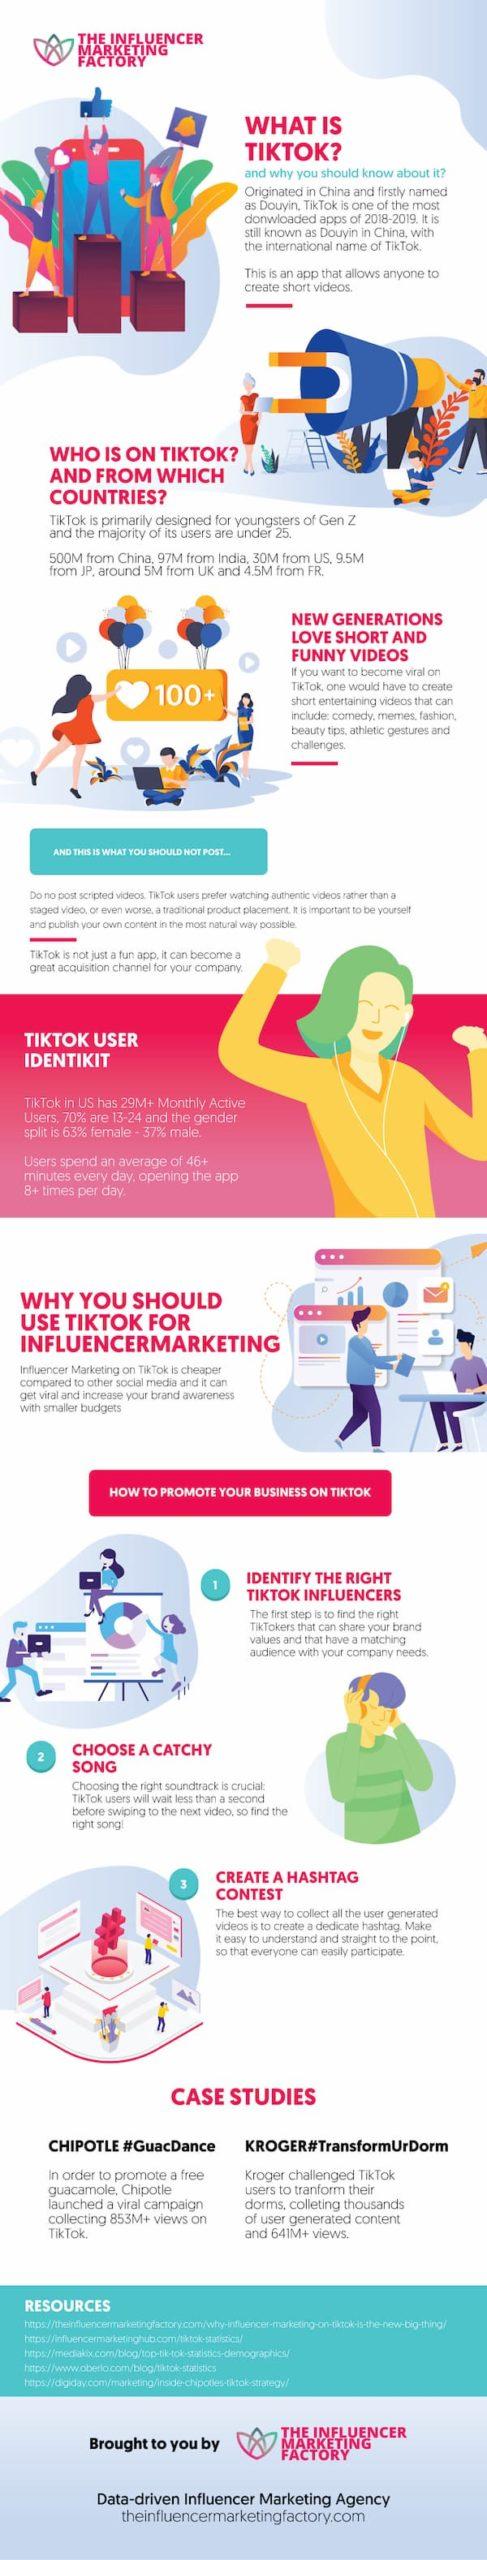 marketing de influencers tiktok infografia (1)